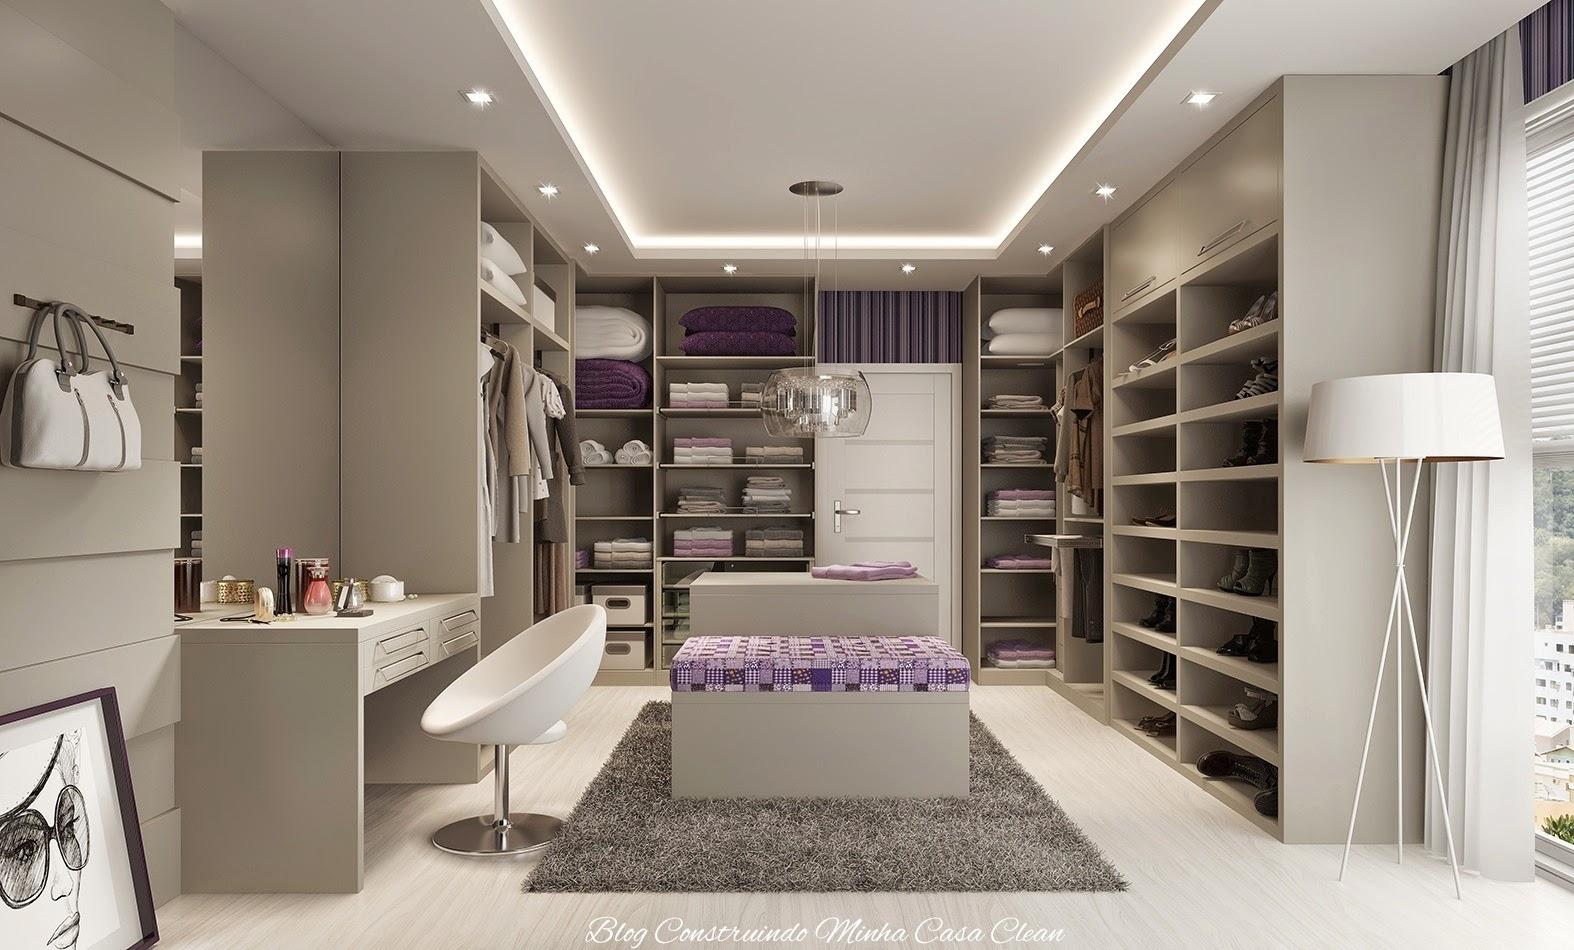 Closet super moderno e amplo! Detalhe de uma única porta separando de  #392F28 1574 950